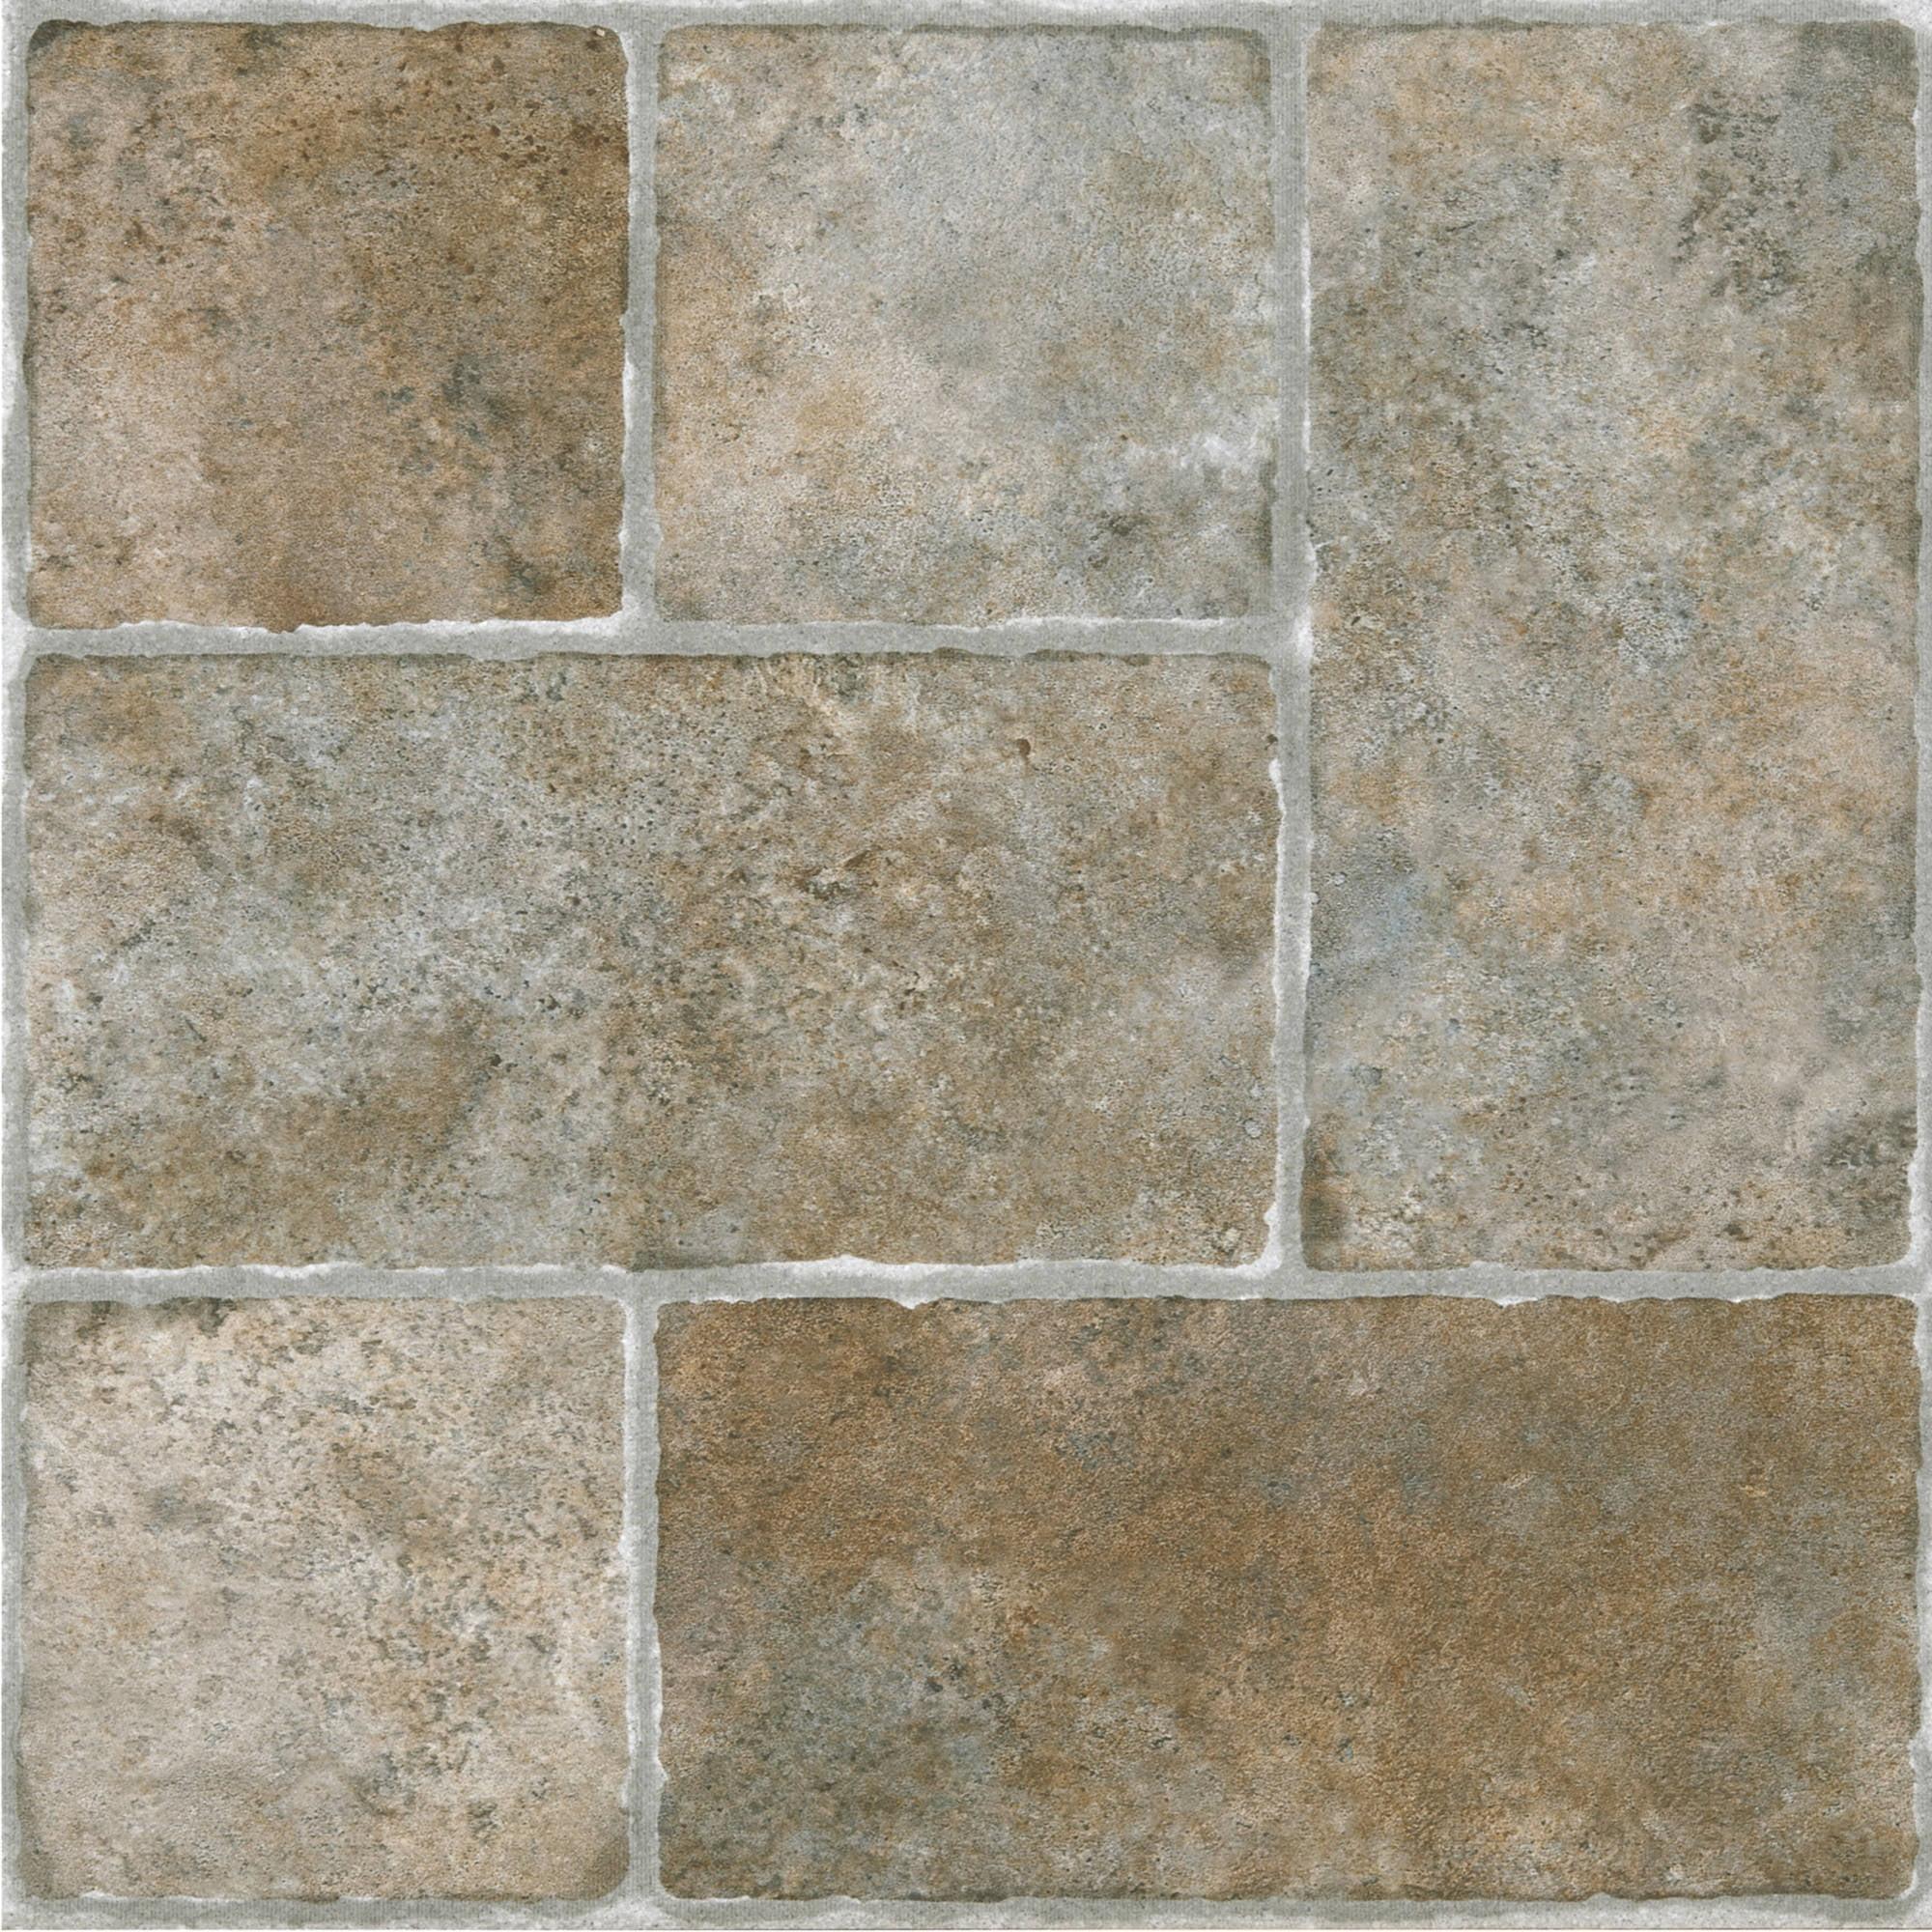 Vinyl Floor Tiles Self Adhesive image of self adhesive vinyl floor tiles material Sterling Cottage Stone 12x12 Self Adhesive Vinyl Floor Tile 20 Tiles20 Sq